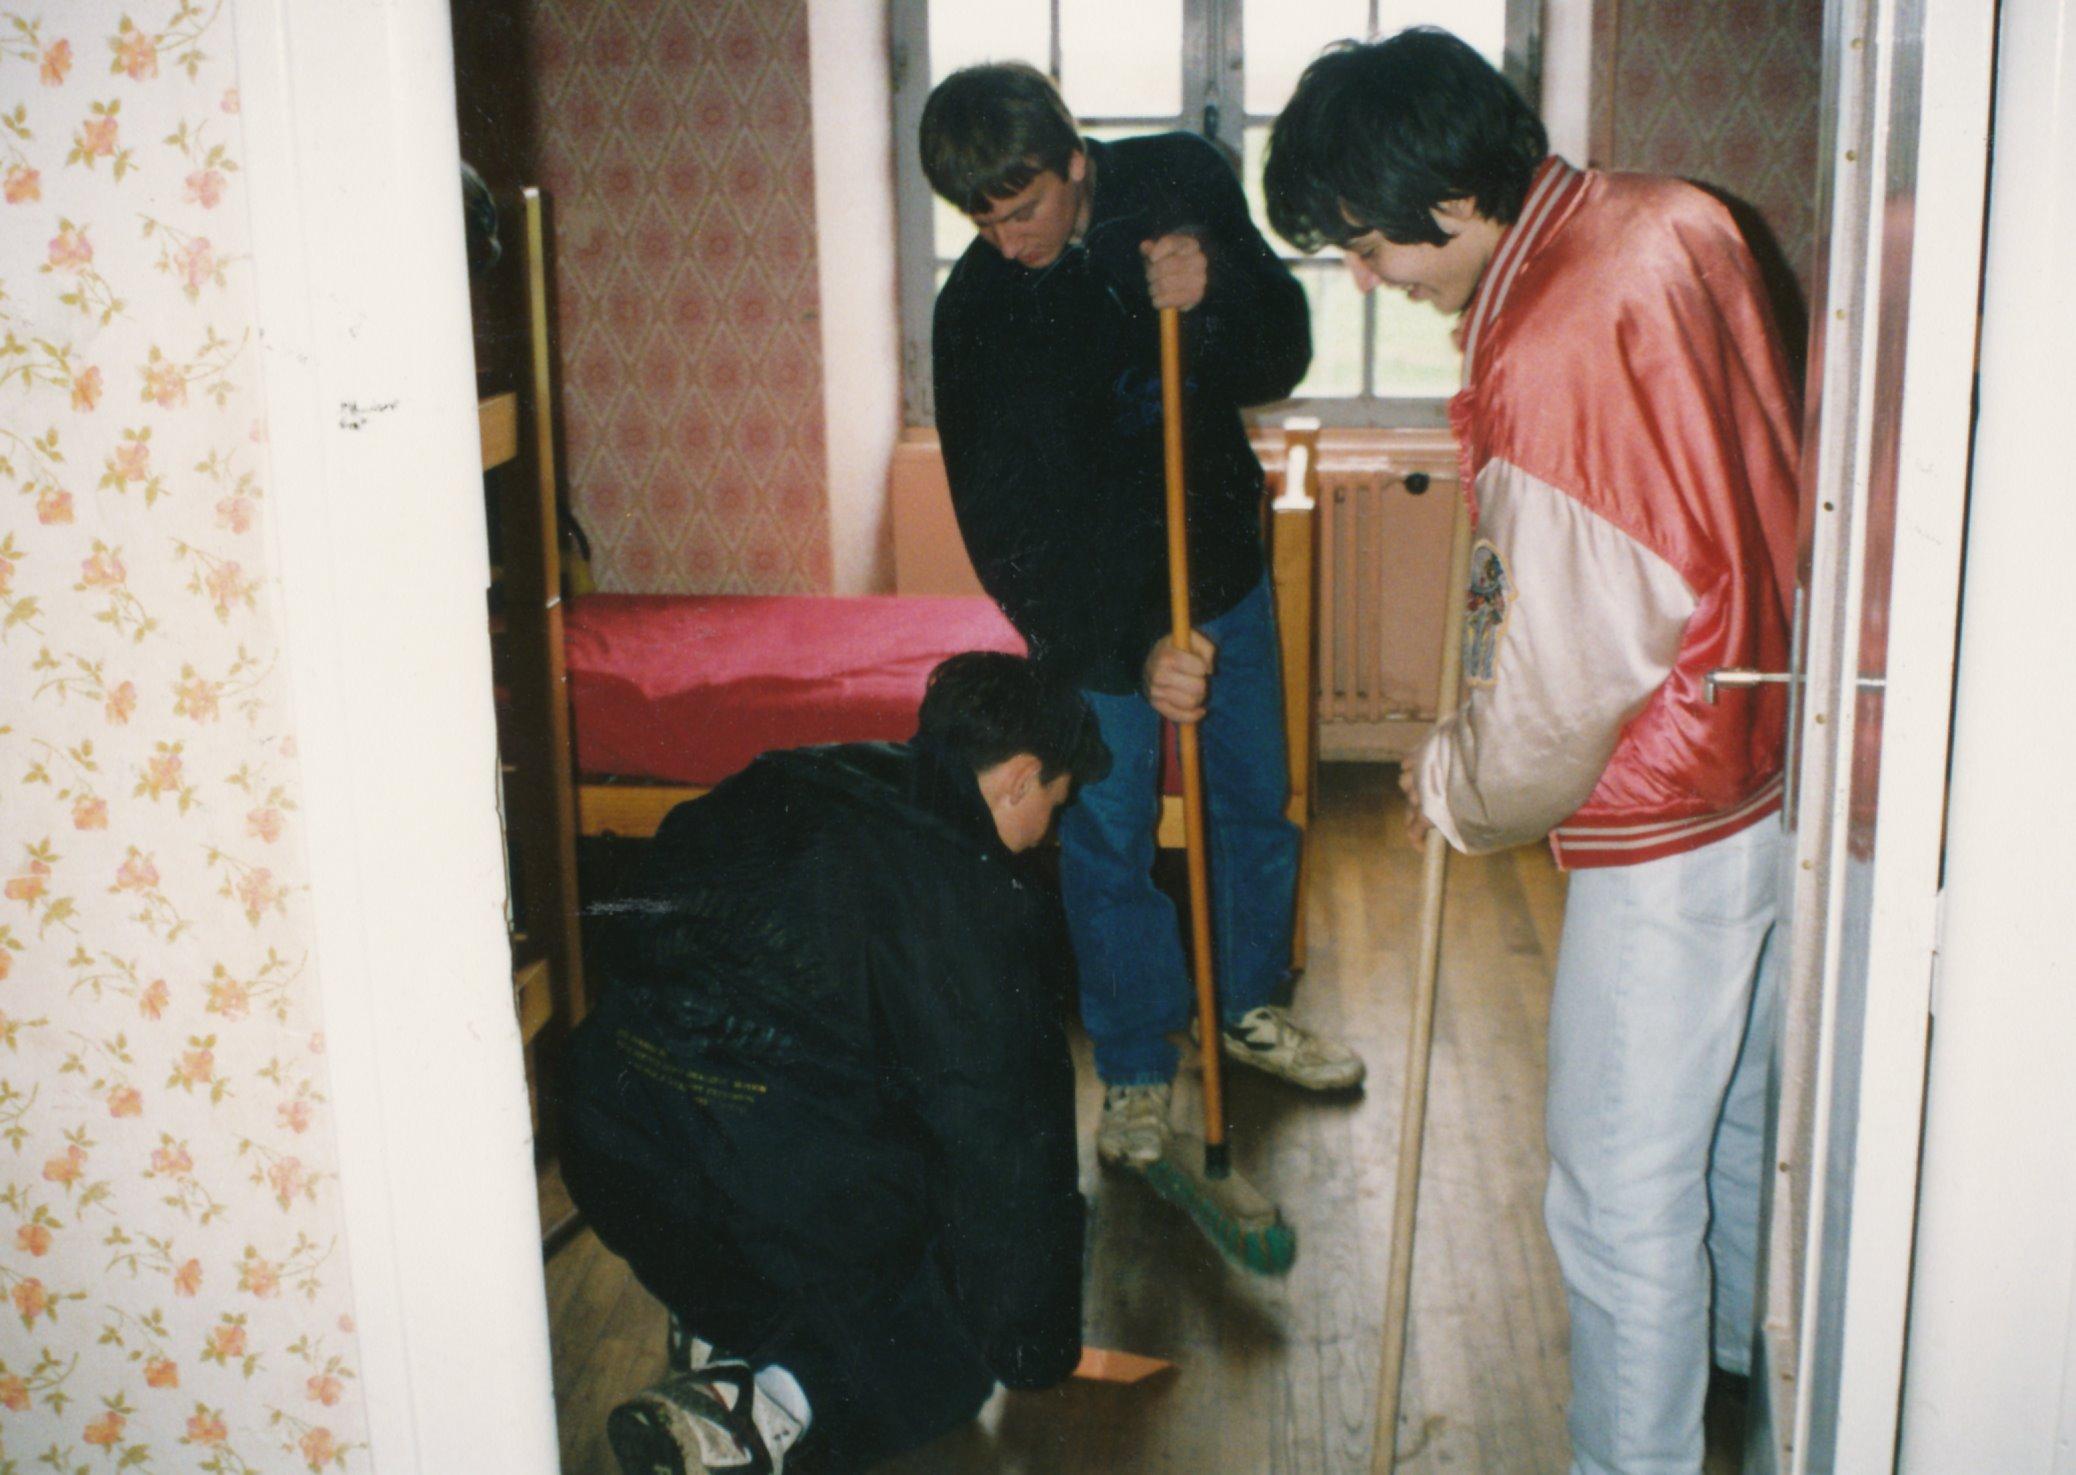 Archives anciens élèves mfr puy-sec 1993 (2)